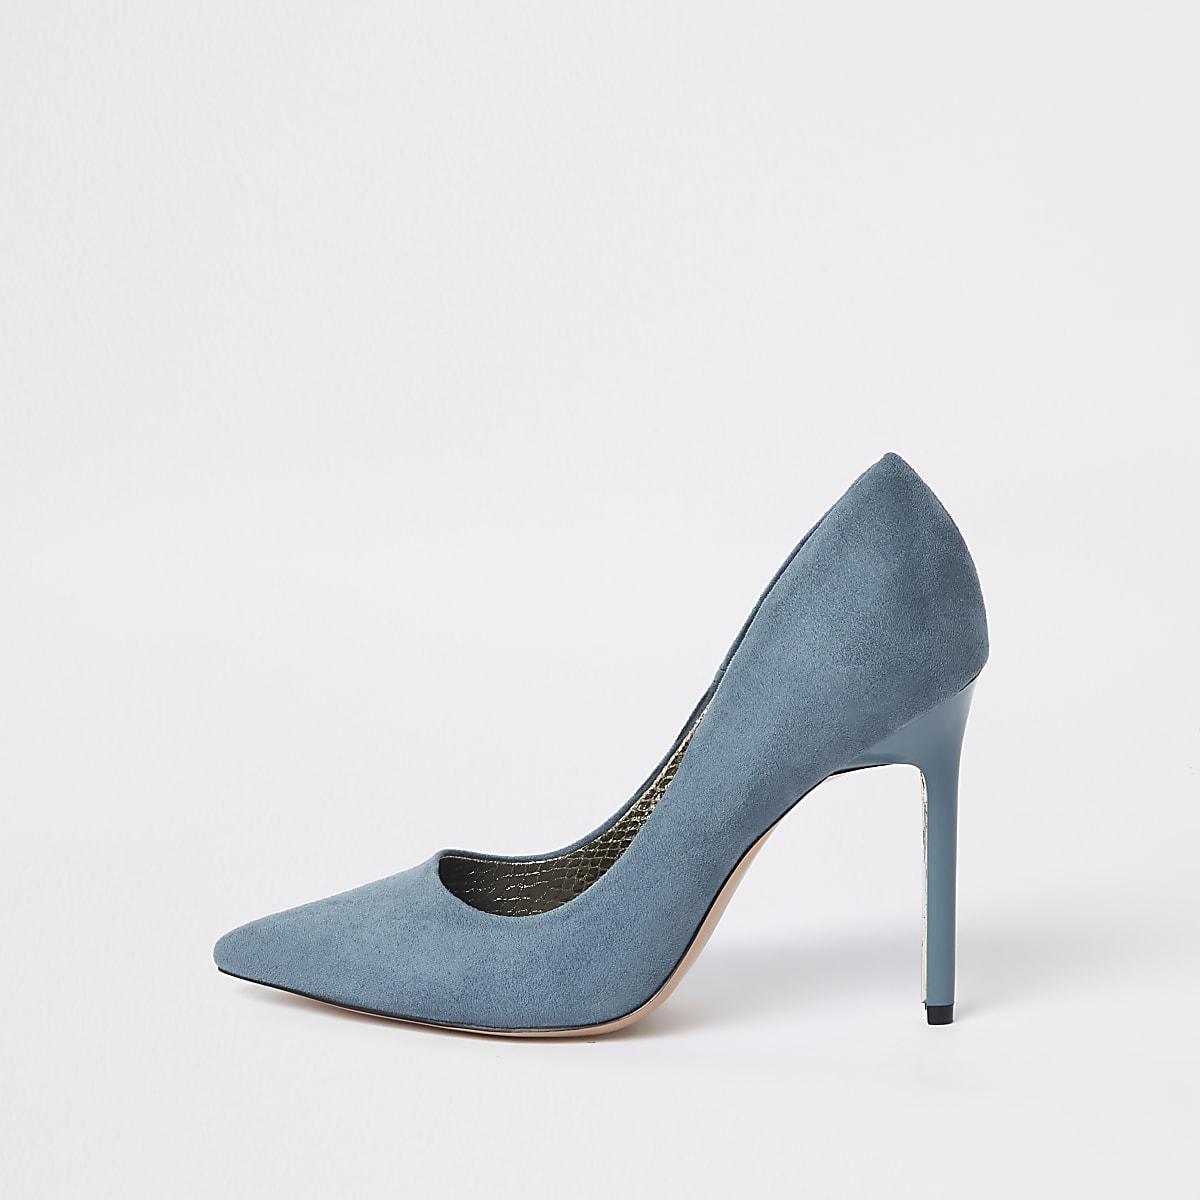 Blue faux suede pumps